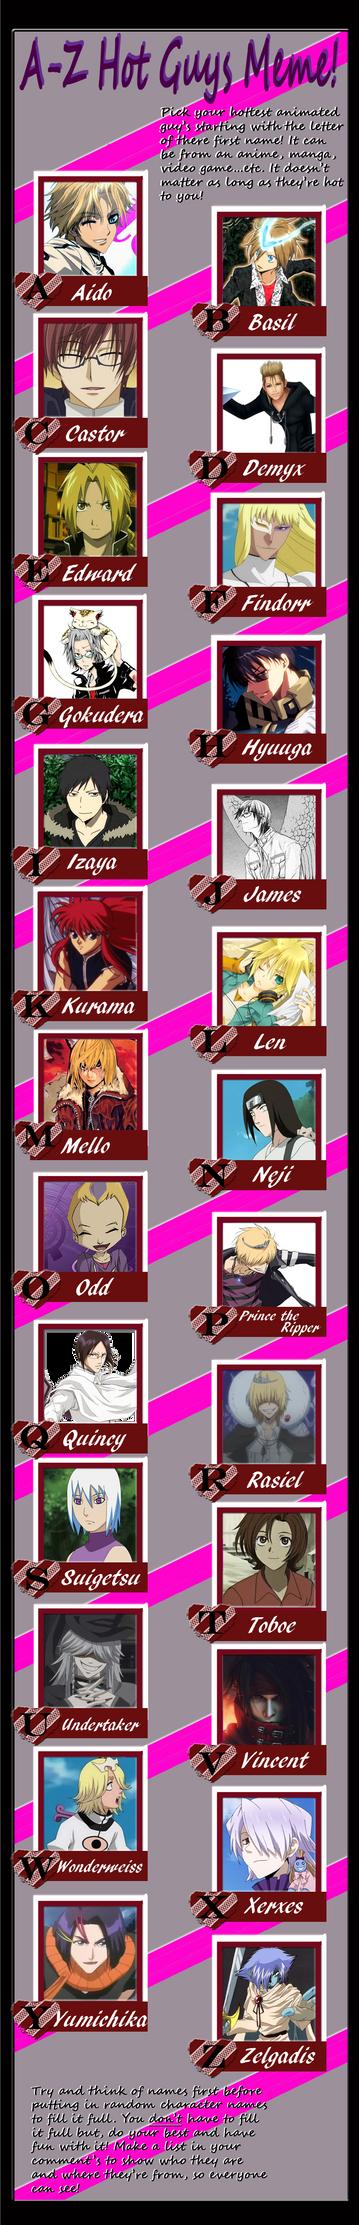 Hot Anime Guys Meme by OndineNova